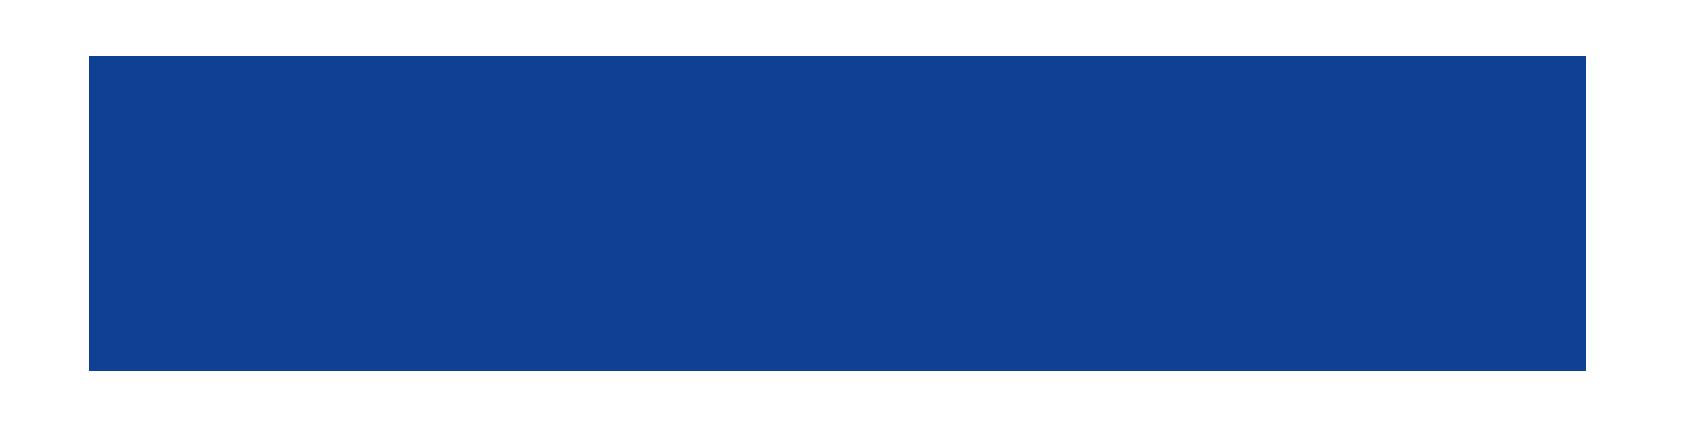 Logo Dunkermotoren